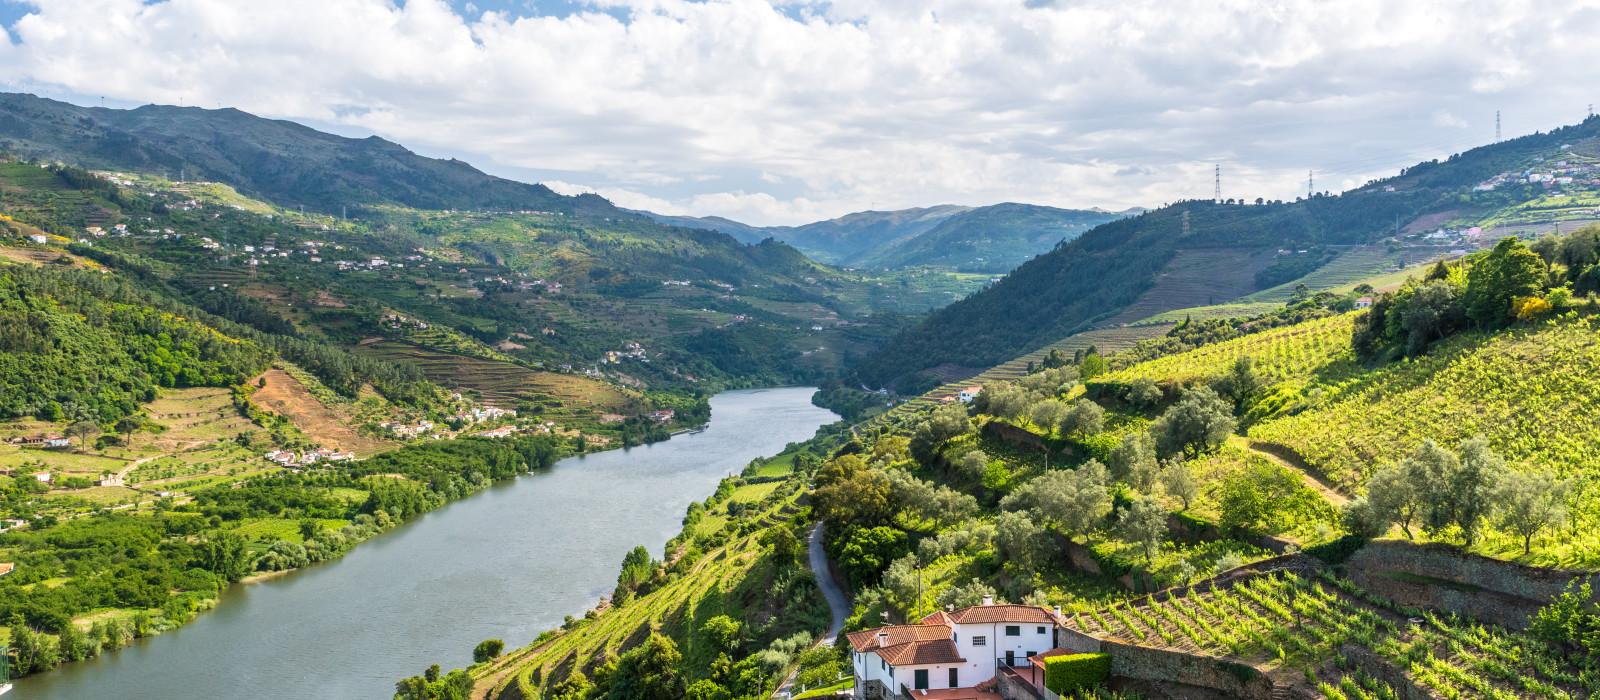 Destination Douro Valley Portugal